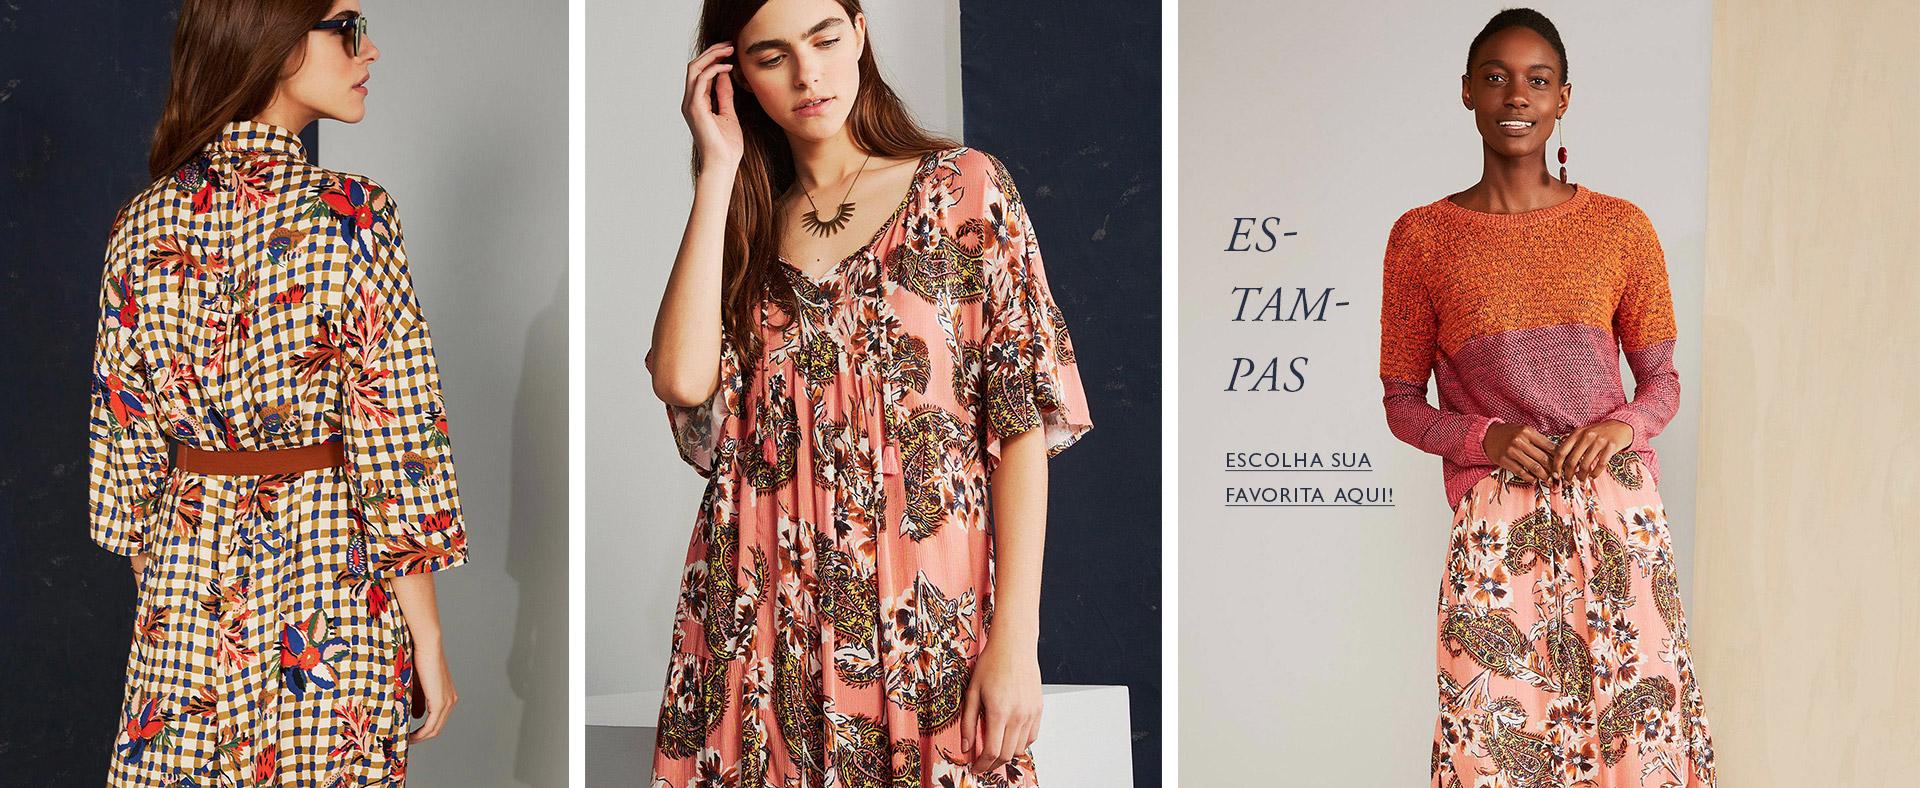 Estampa, florido, vestido, macacão, blusa